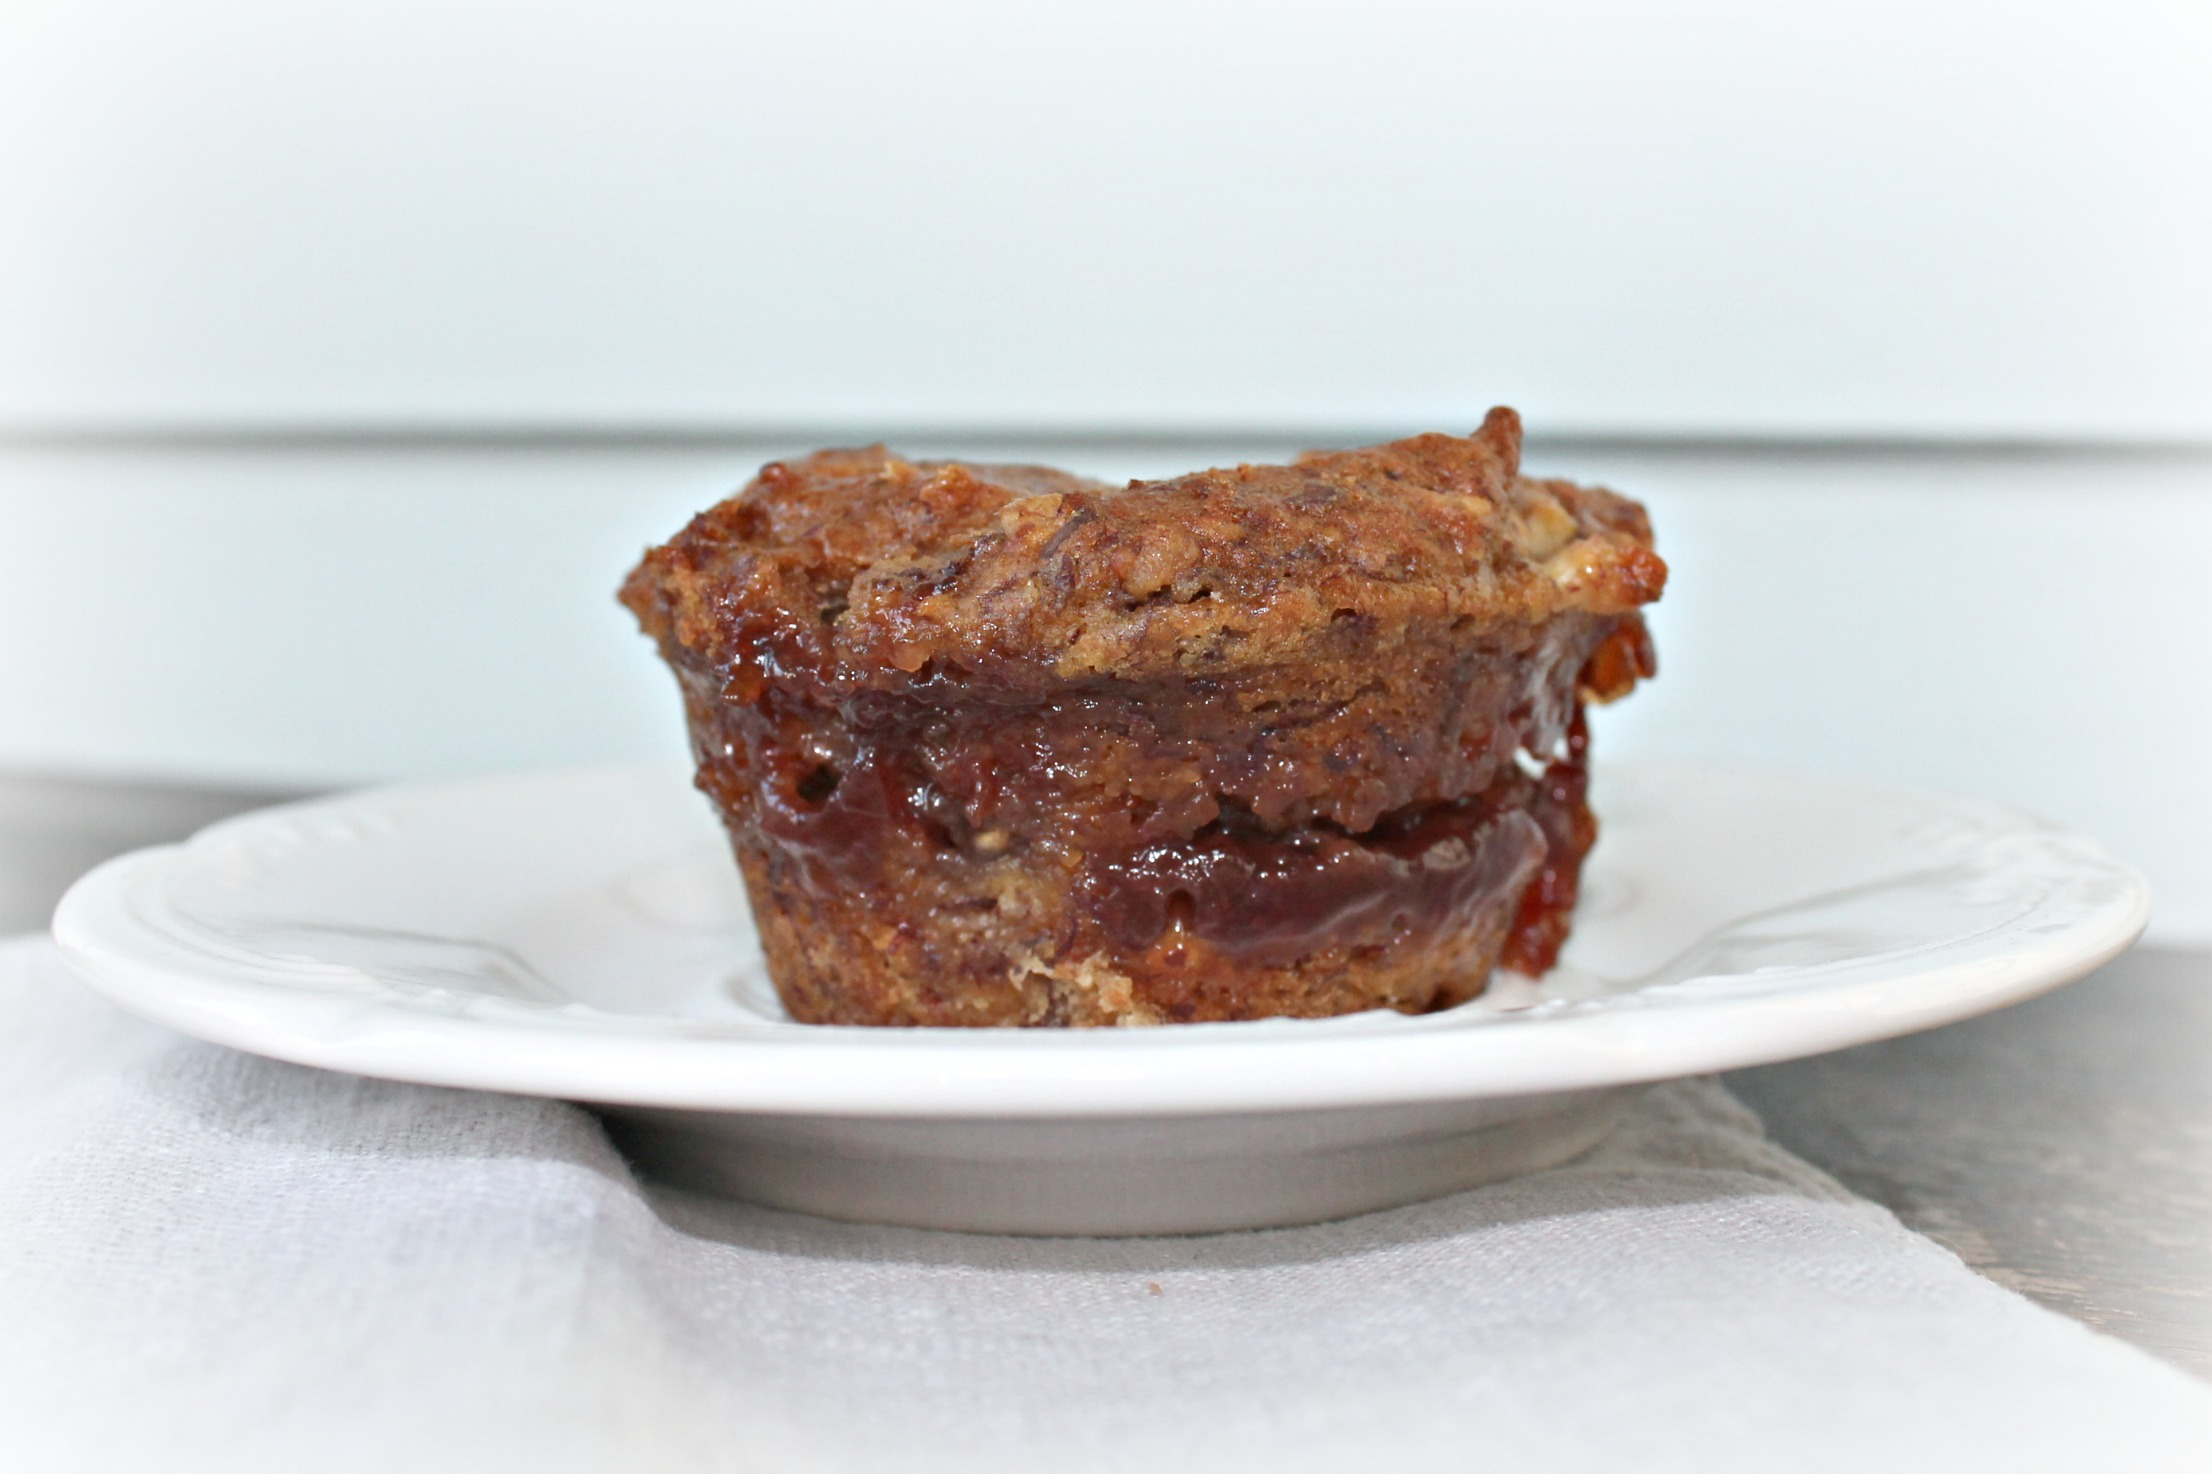 PB&J Vegan Gluten-Free Banana Muffins recipe. www.fernsandpeonies.com